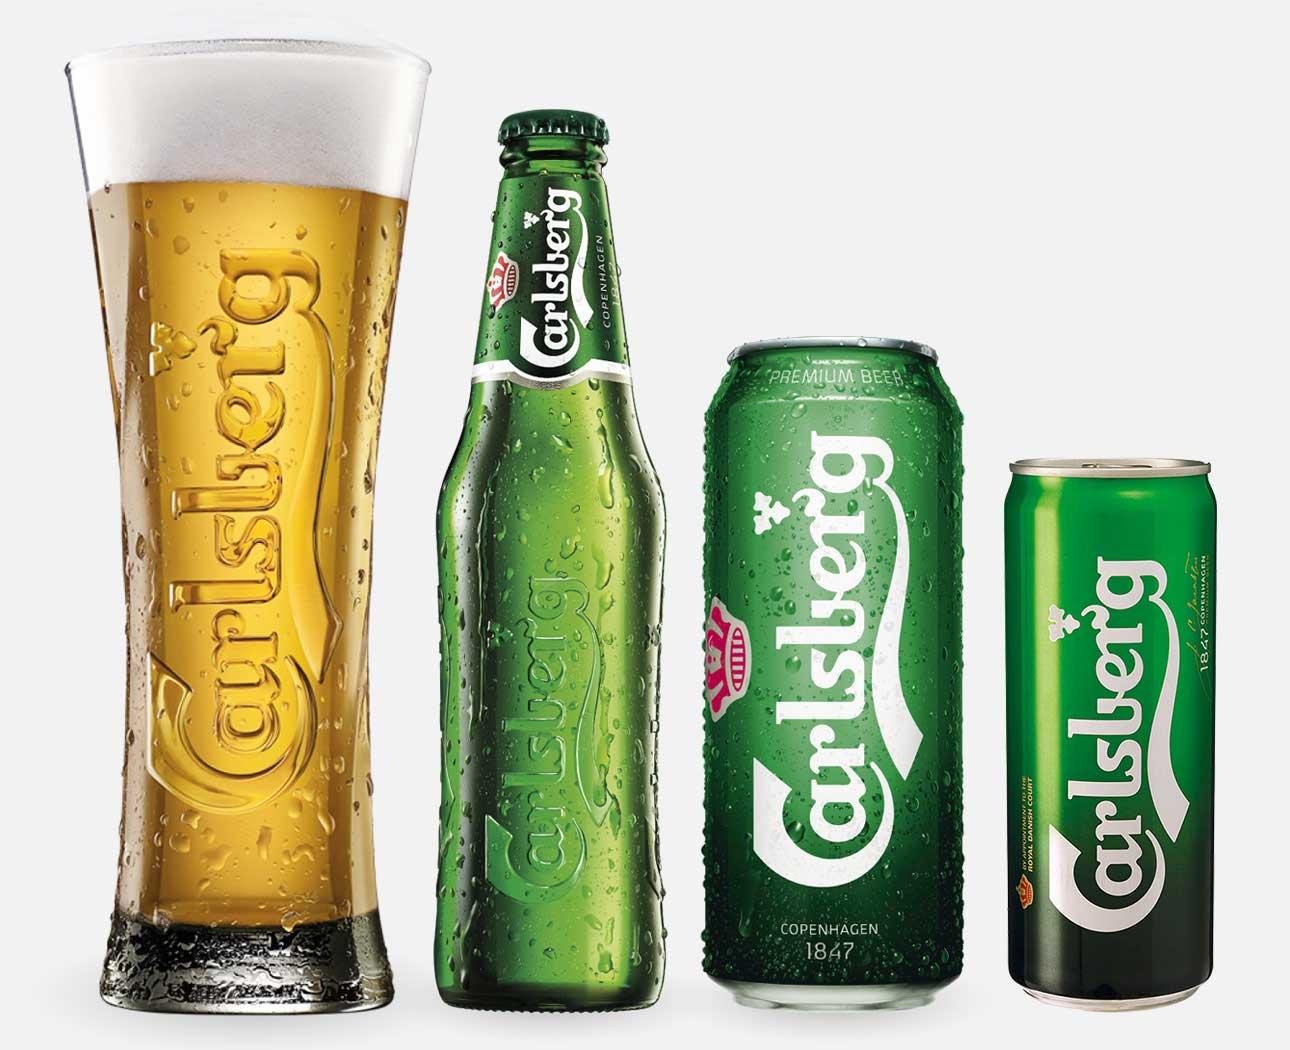 Сarlsberg и фк «ливерпуль» отмечают 25 лет сотрудничества: сварено особое пиво из красного хмеля (видео) | beercomments сarlsberg и фк «ливерпуль» отмечают 25 лет сотрудничества: сварено особое пиво из красного хмеля (видео) | beercomments